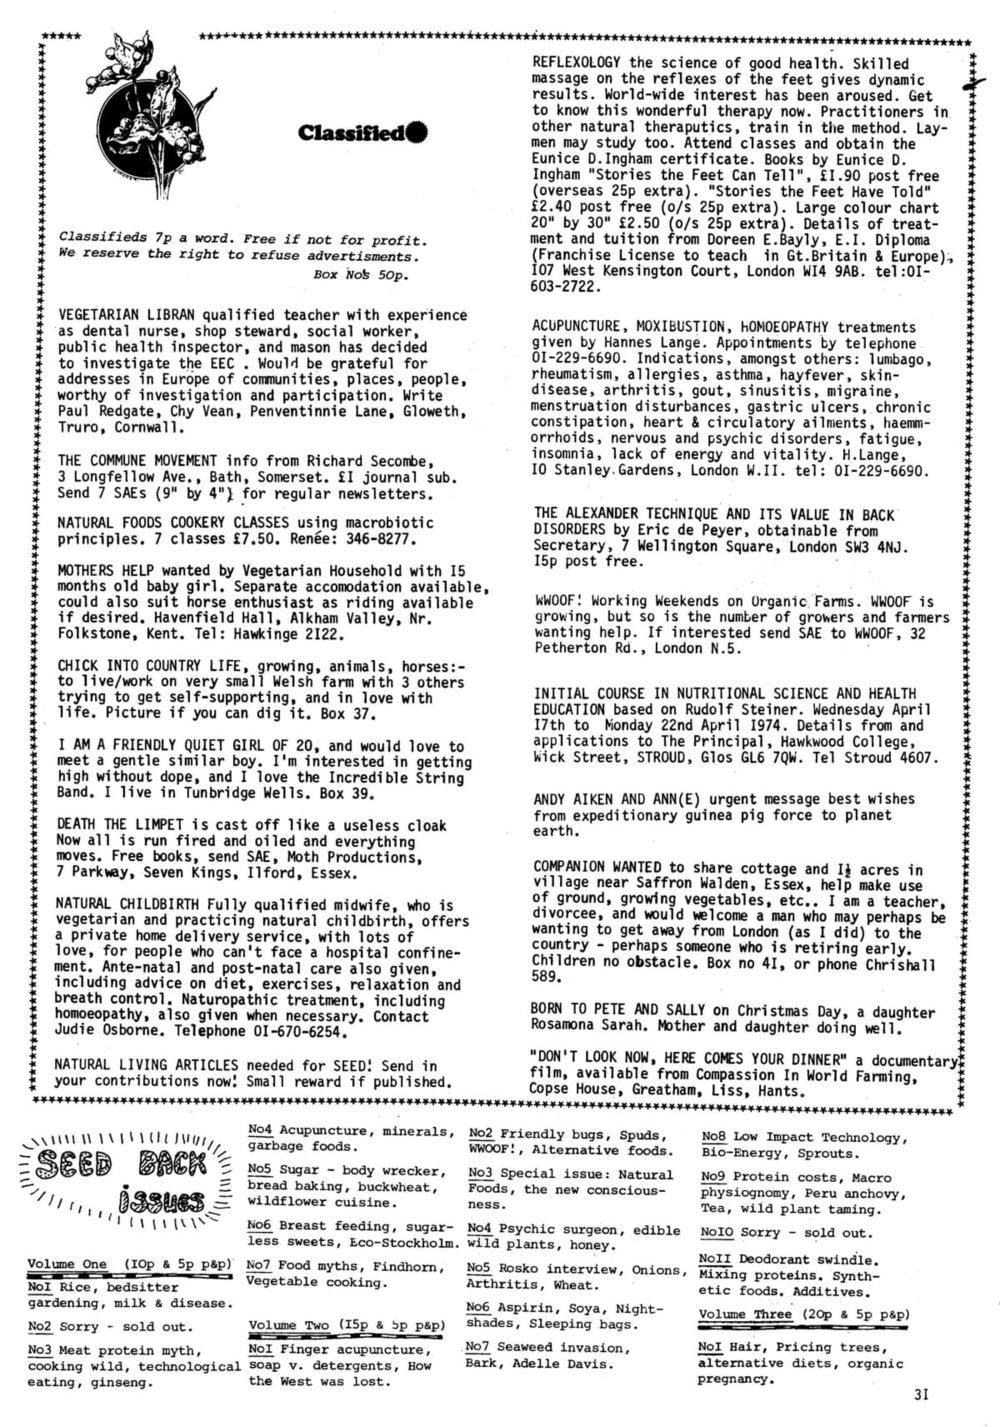 seed-v3-n2-feb1974-31.jpg